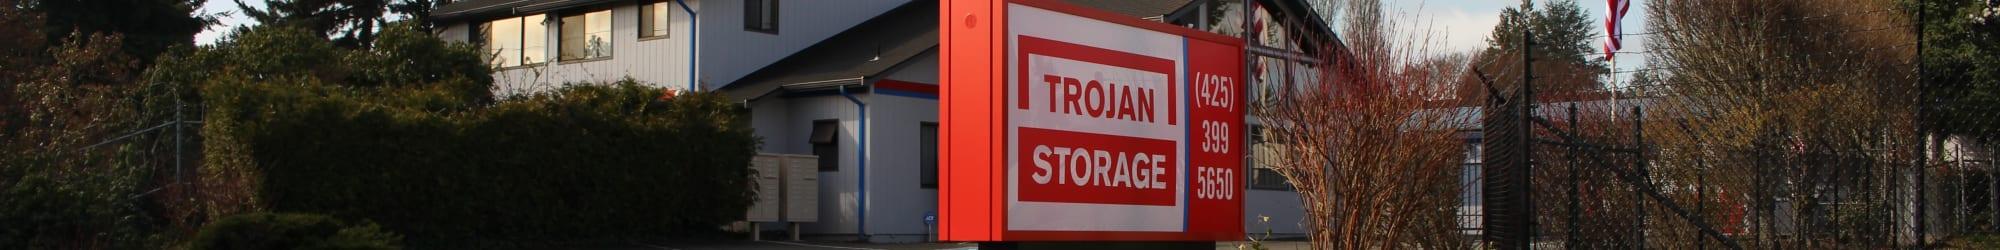 Self storage features at Trojan Storage in Everett, Washington